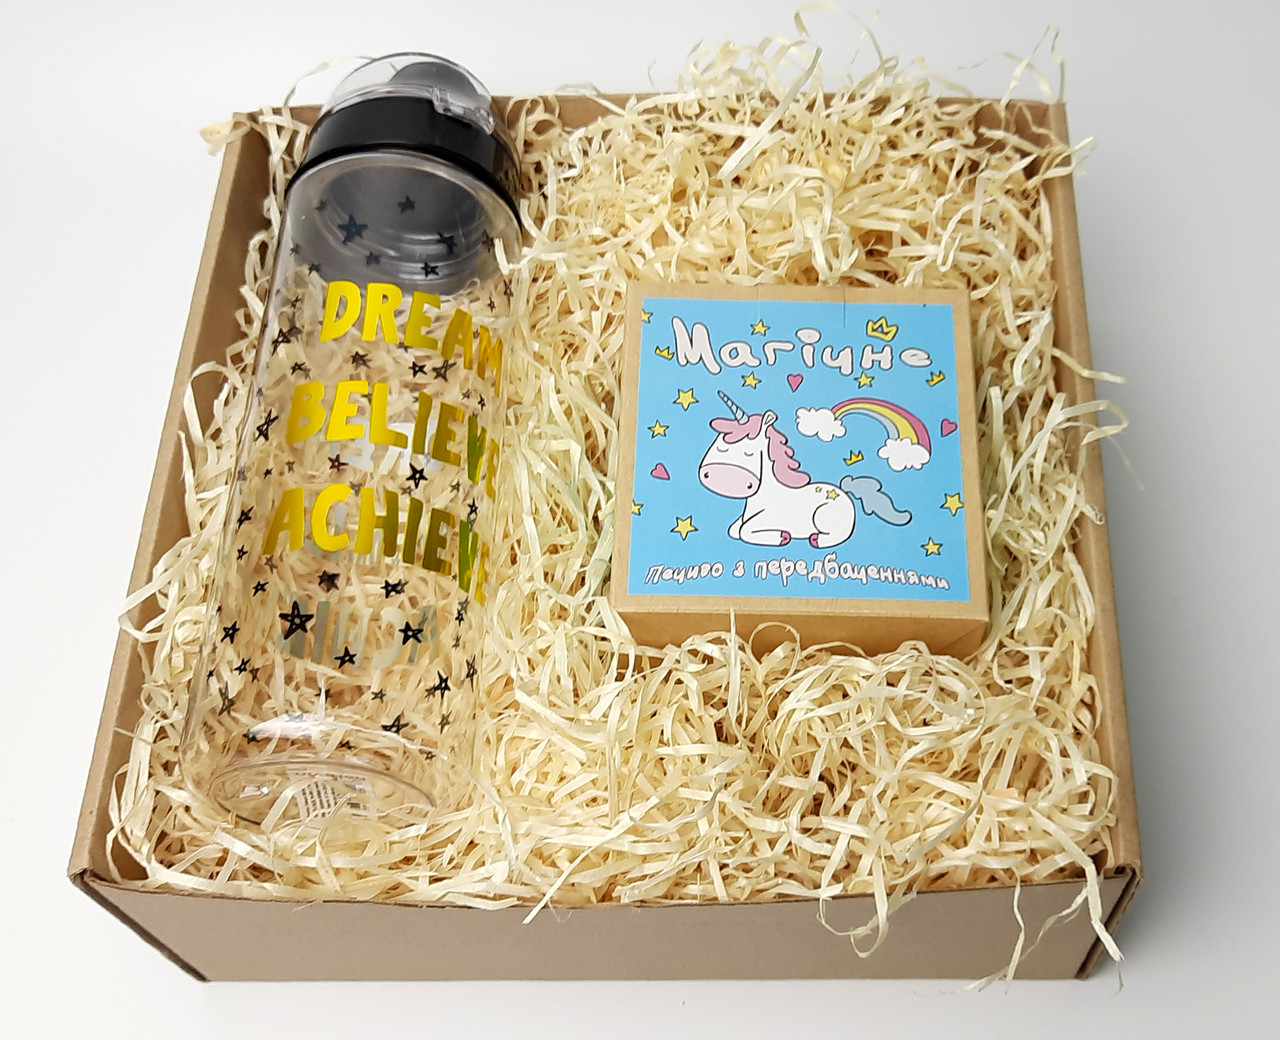 """Подарочный набор """"Магия твоих желаний"""": печенье с предсказаниями """"Магическое"""" и спортивная пластиковая бутылка"""